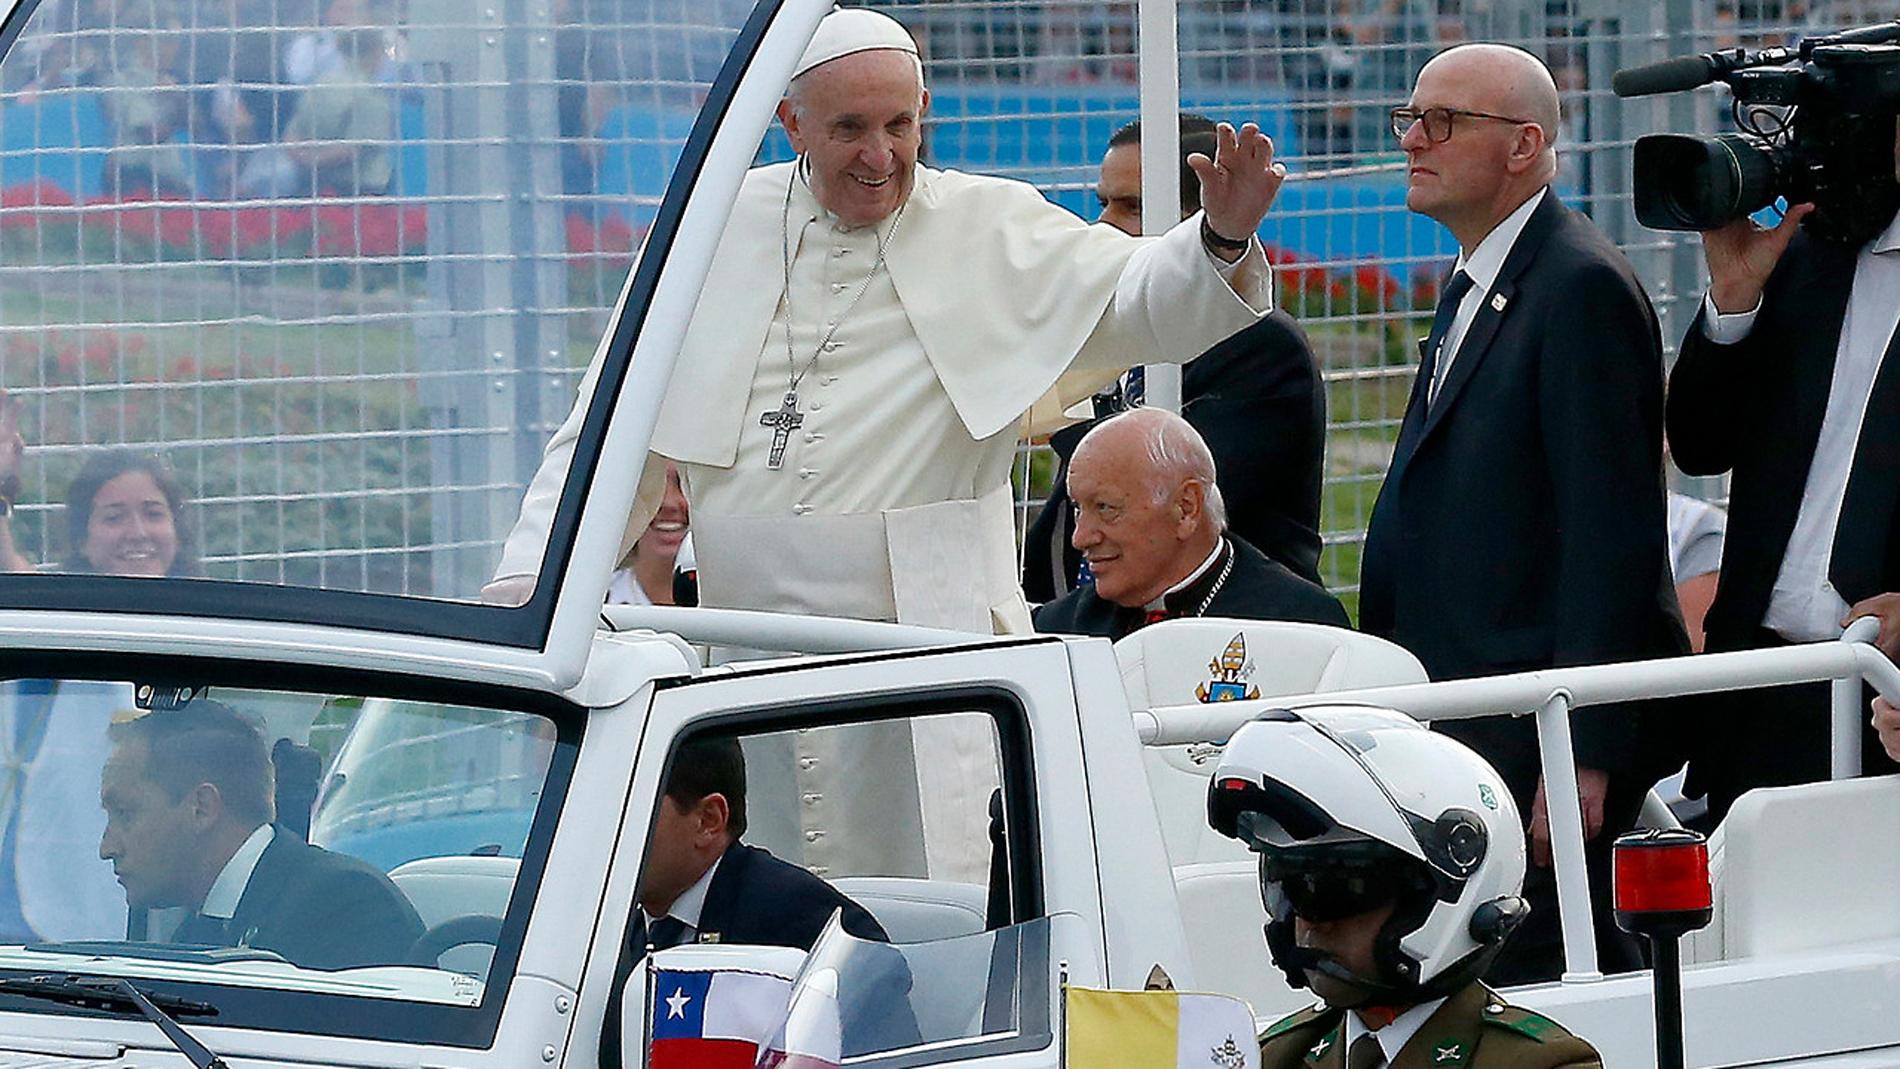 El papa Francisco ha iniciado el lunes un viaje oficial que lo llevará a Chile y Perú